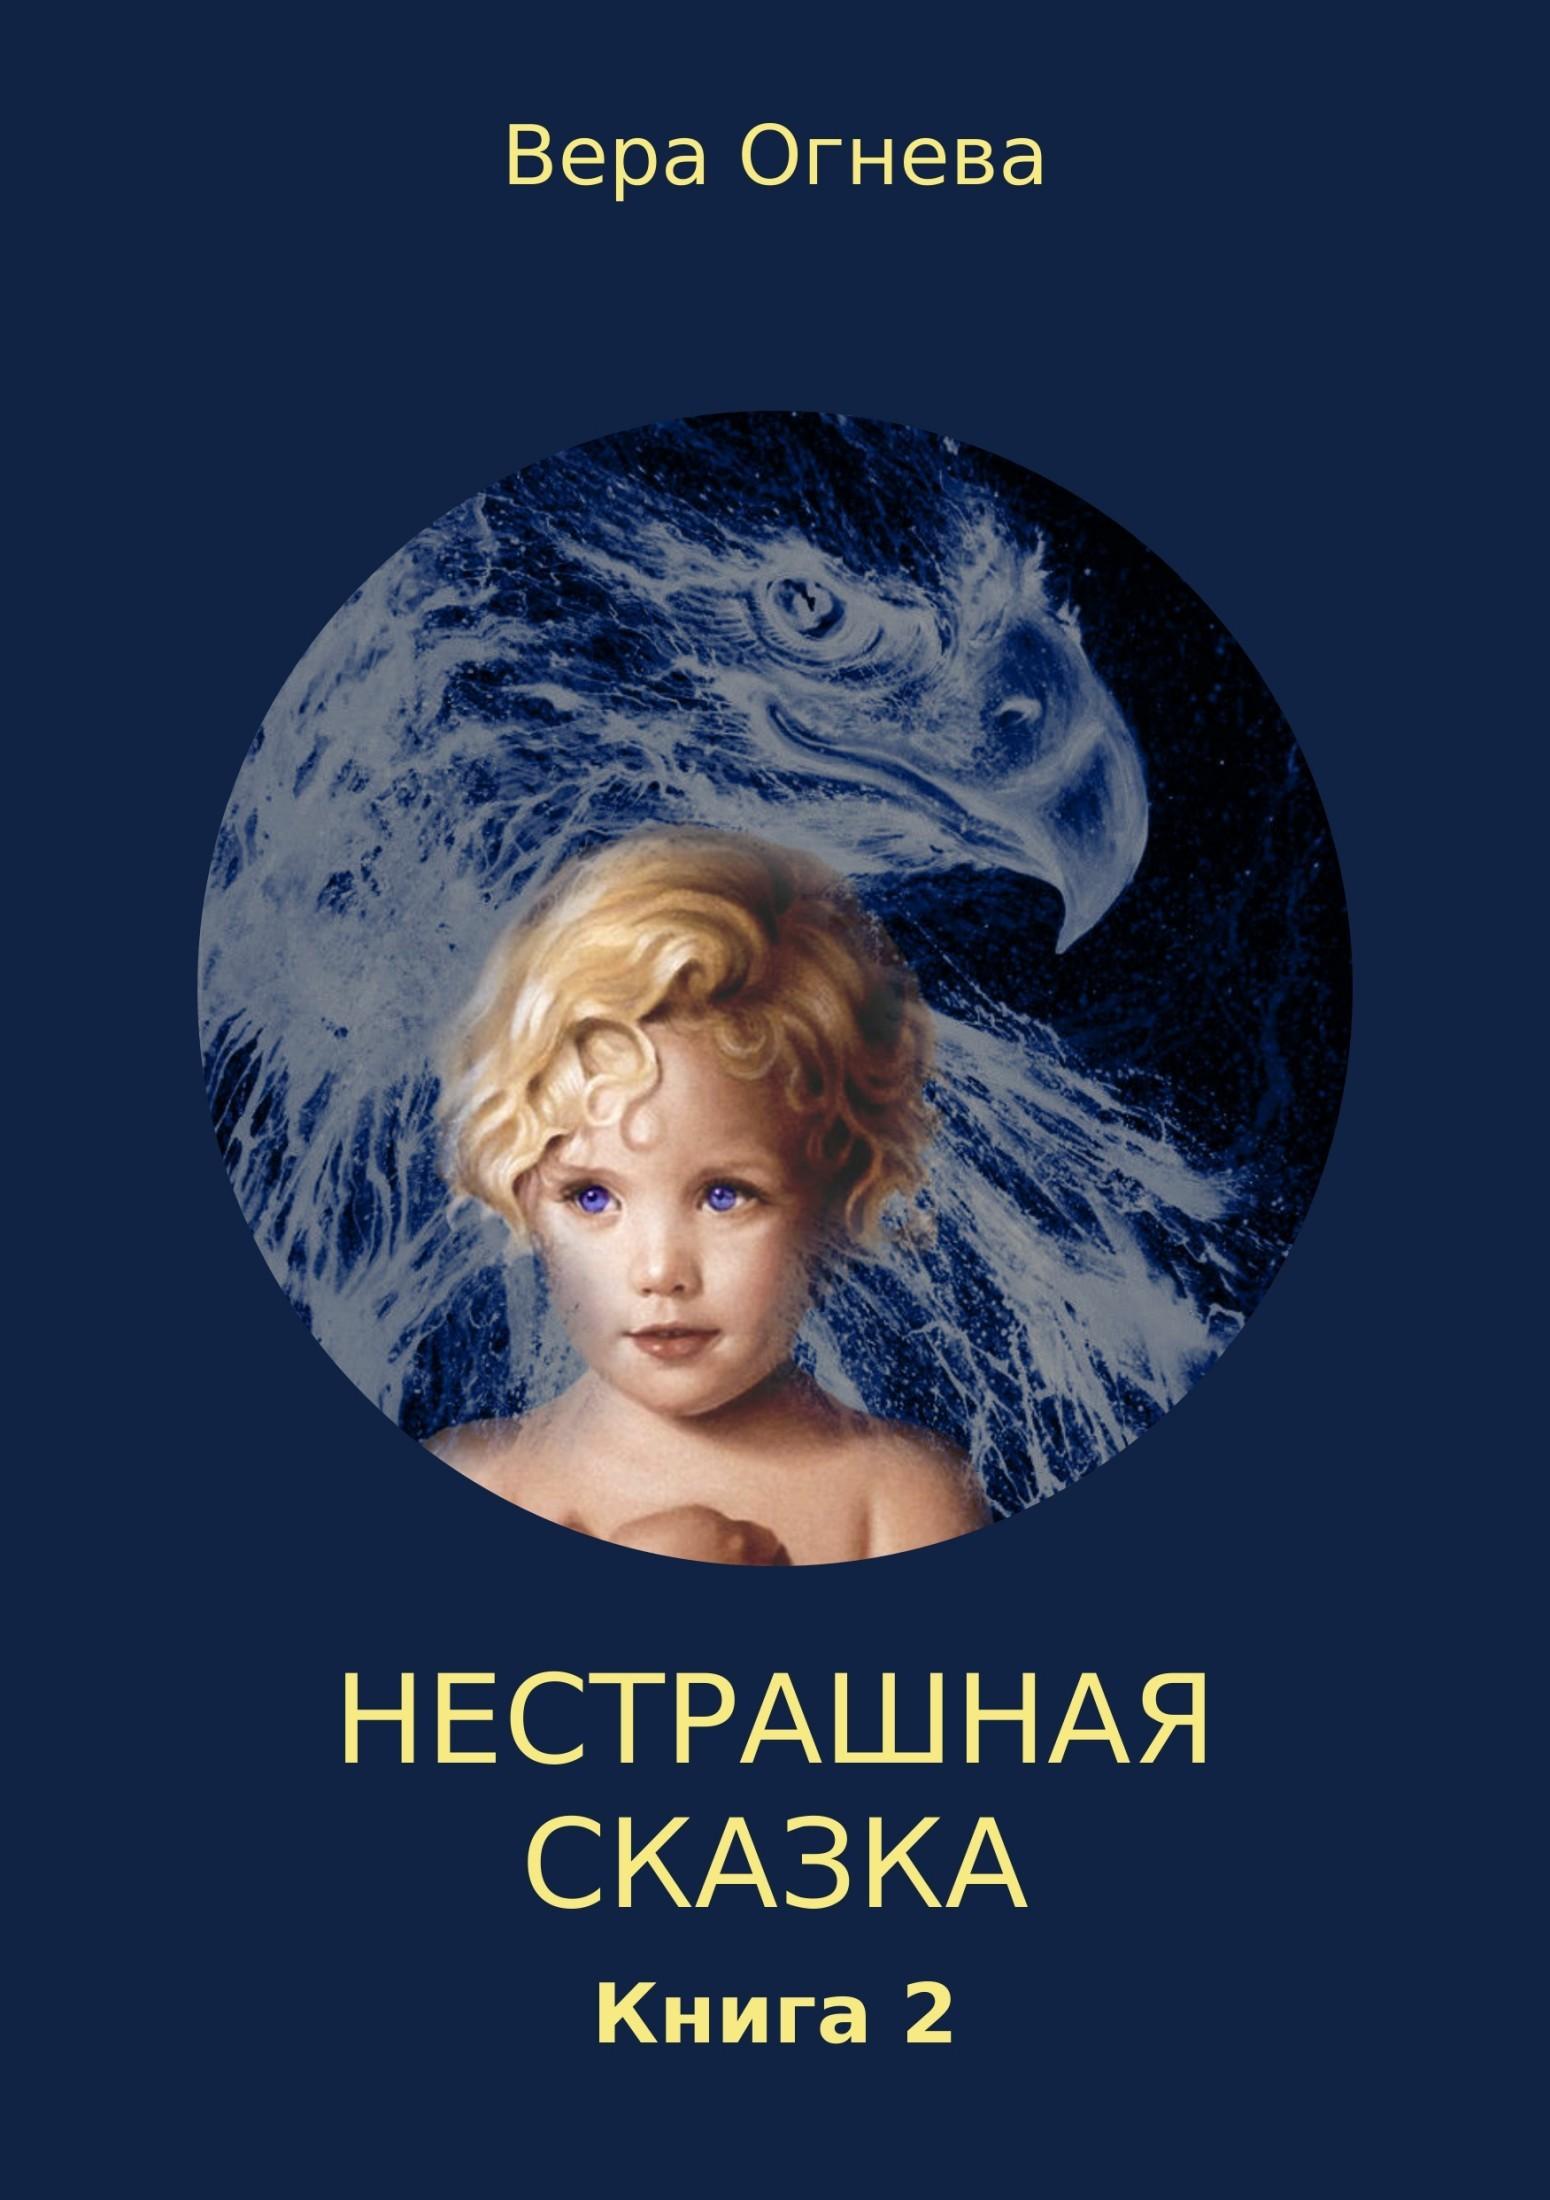 Вера Евгеньевна Огнева. Нестрашная сказка. Книга 2